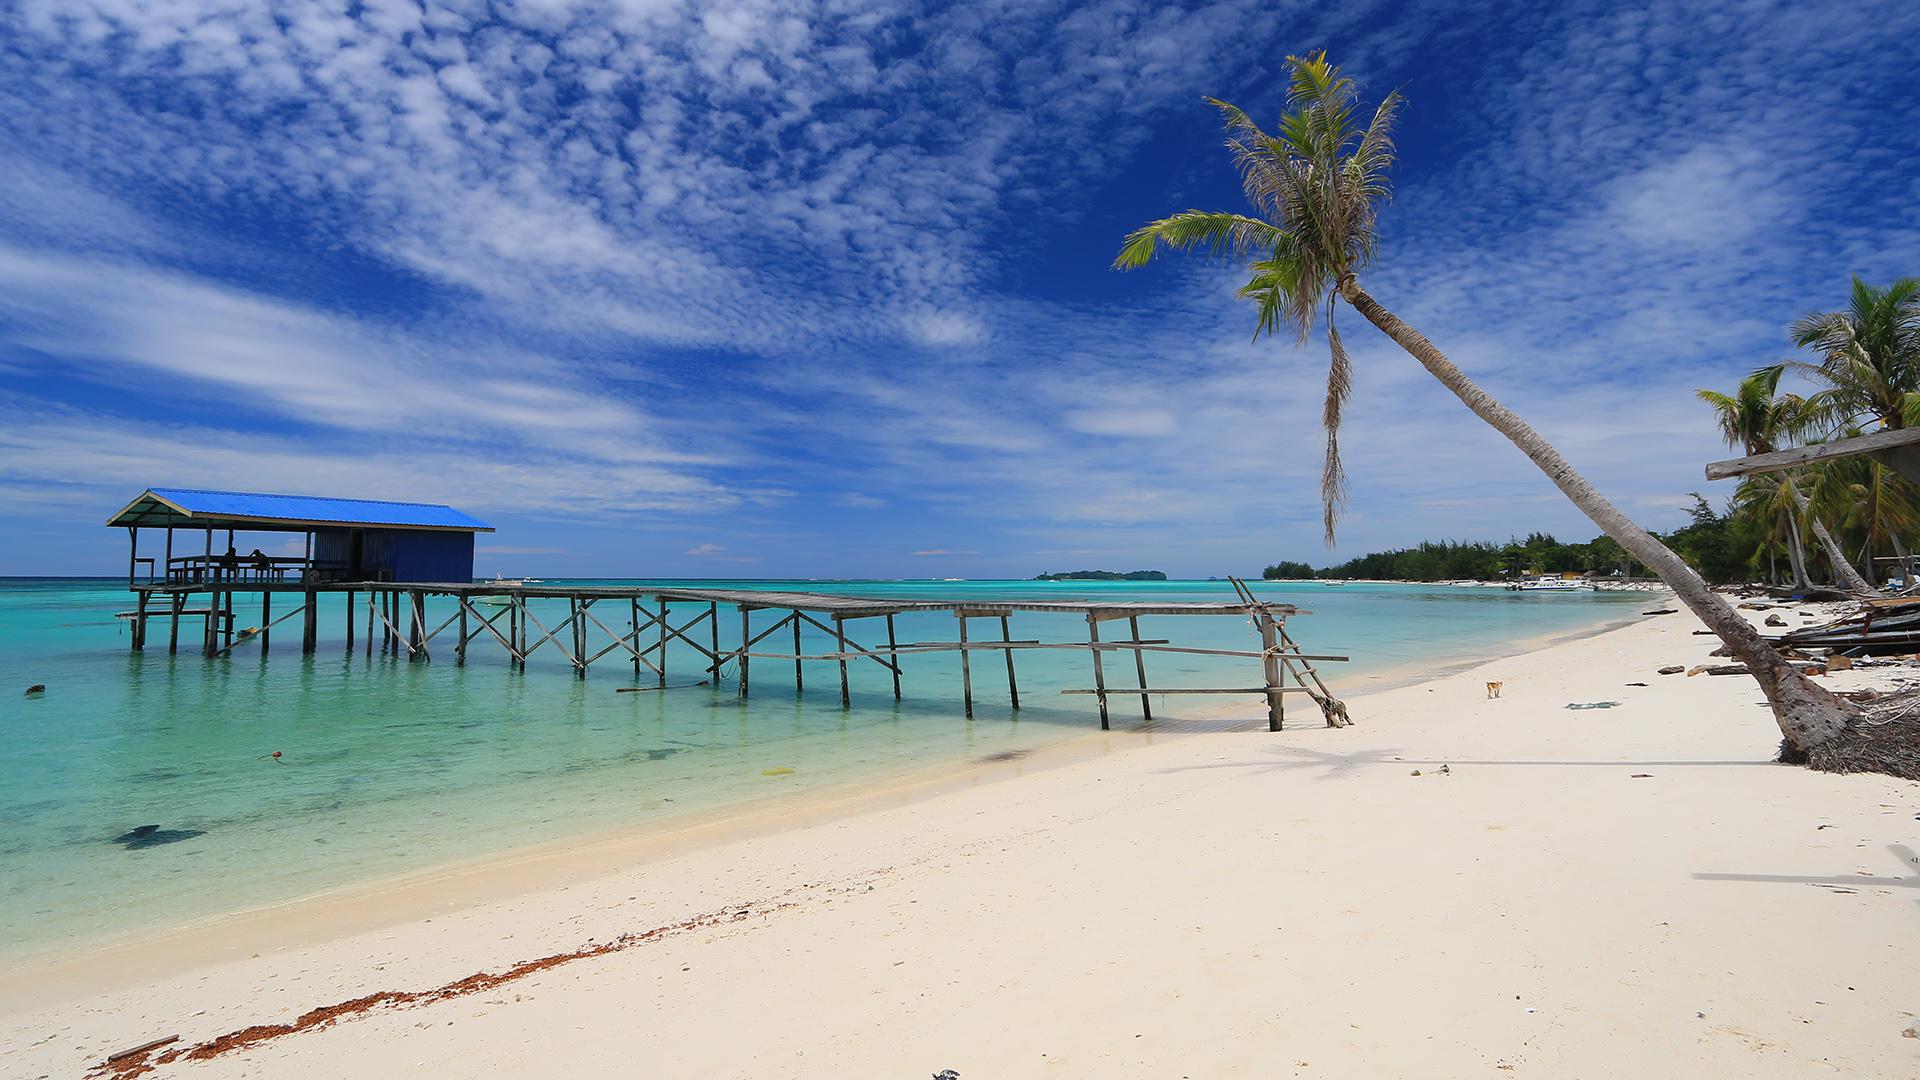 Mantanani Island and Kawa Kawa River Cruise Tour